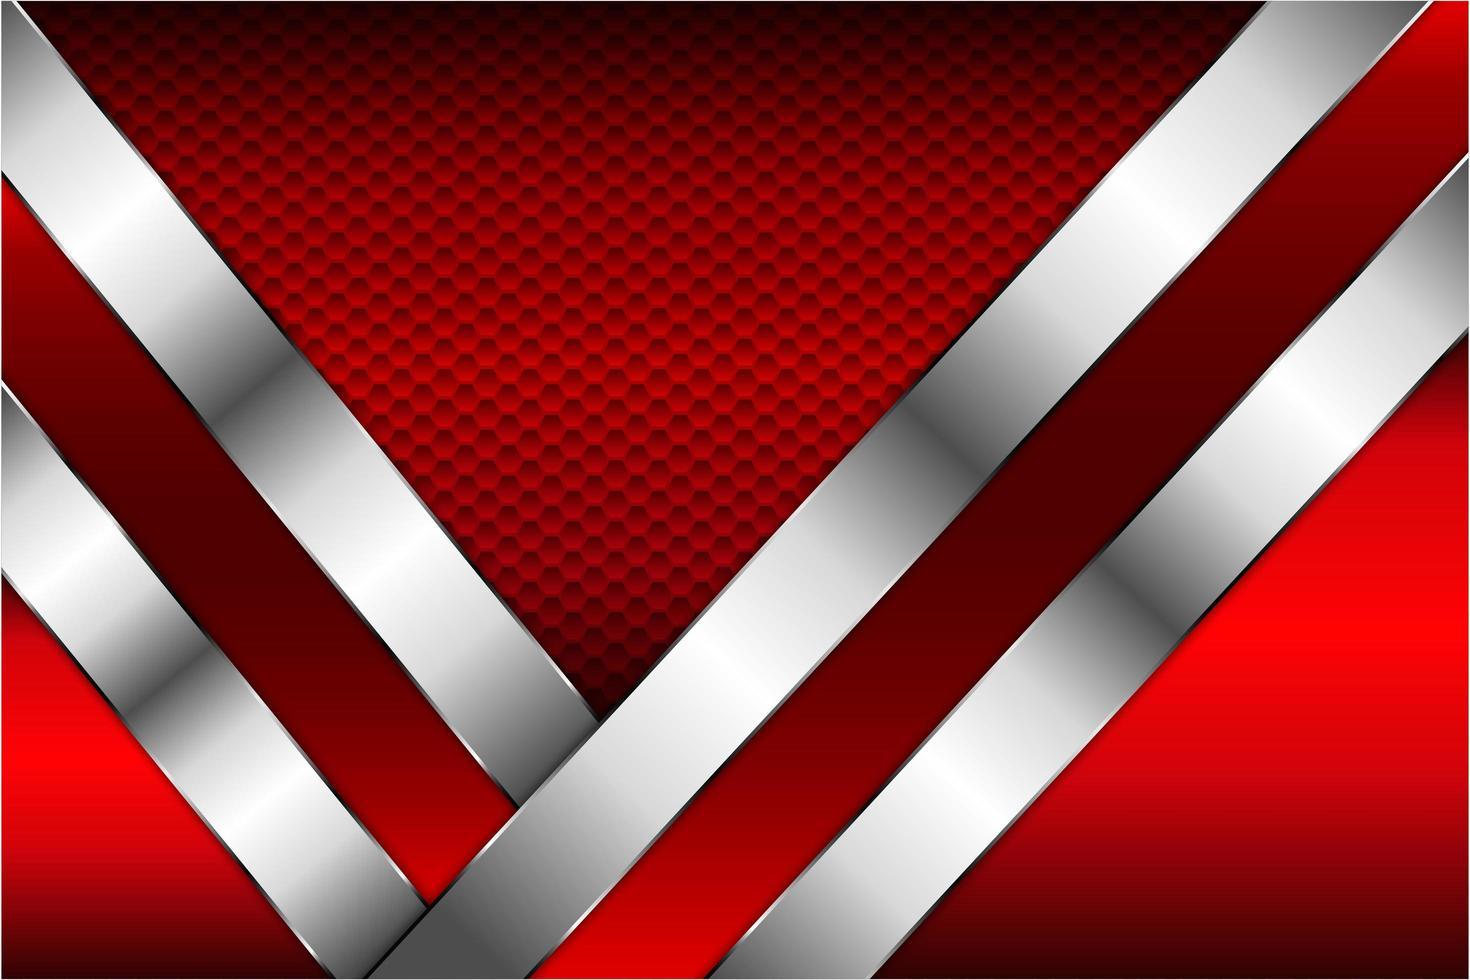 rode metaaltechnologie met zeshoekig patroon. vector